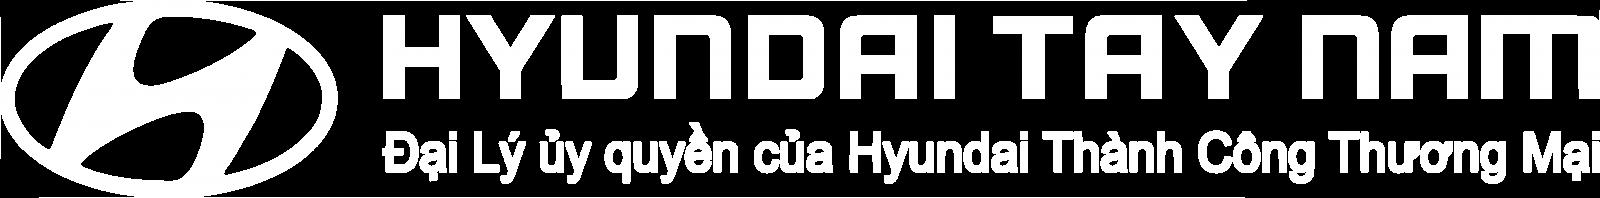 Hyundai Tây Nam - Đại Lý Ủy Quyền Của Hyundai Thành Công Việt Nam